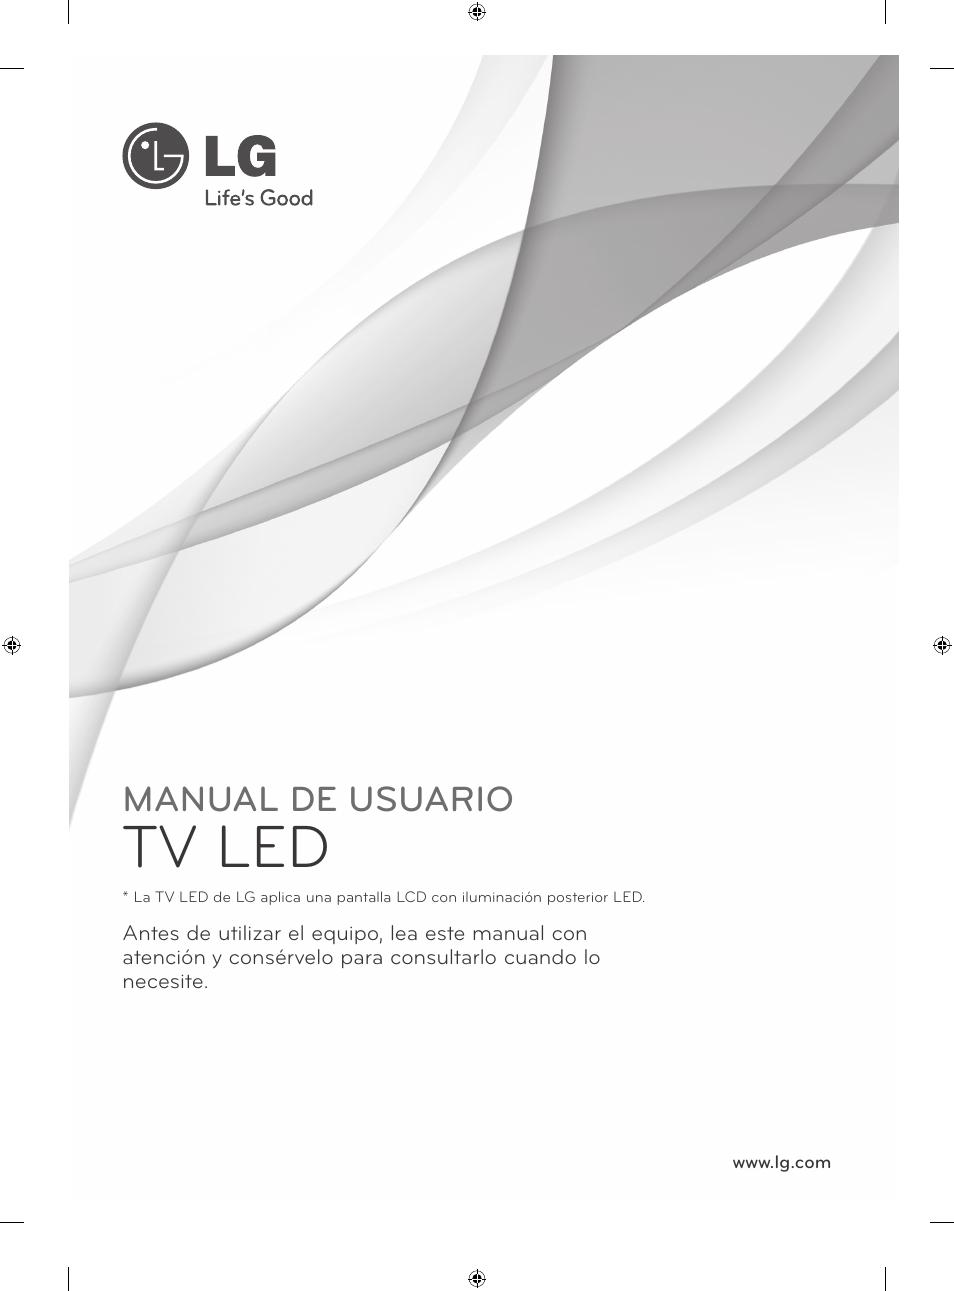 eu 05 mfl67658602 spanish tv led manual de usuario lg 42la620s rh manualsdir com manual de instrucciones de smart tv lg manual instrucciones tv lg flatron